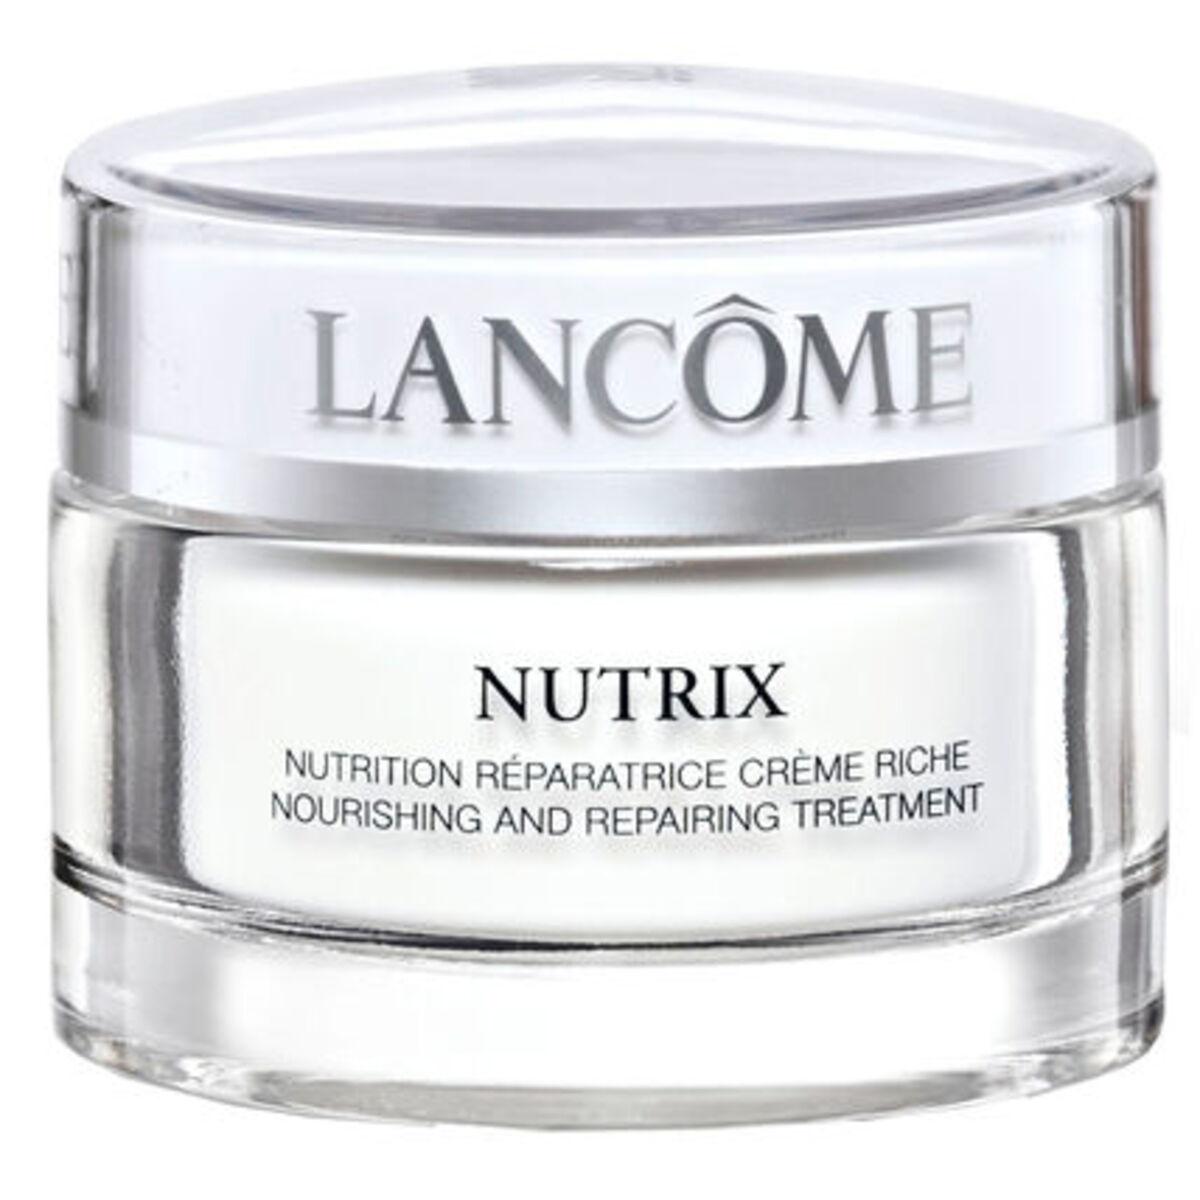 Bild 1 von Lancôme Nutrix Intensivpflege, 50 ml, keine Angabe